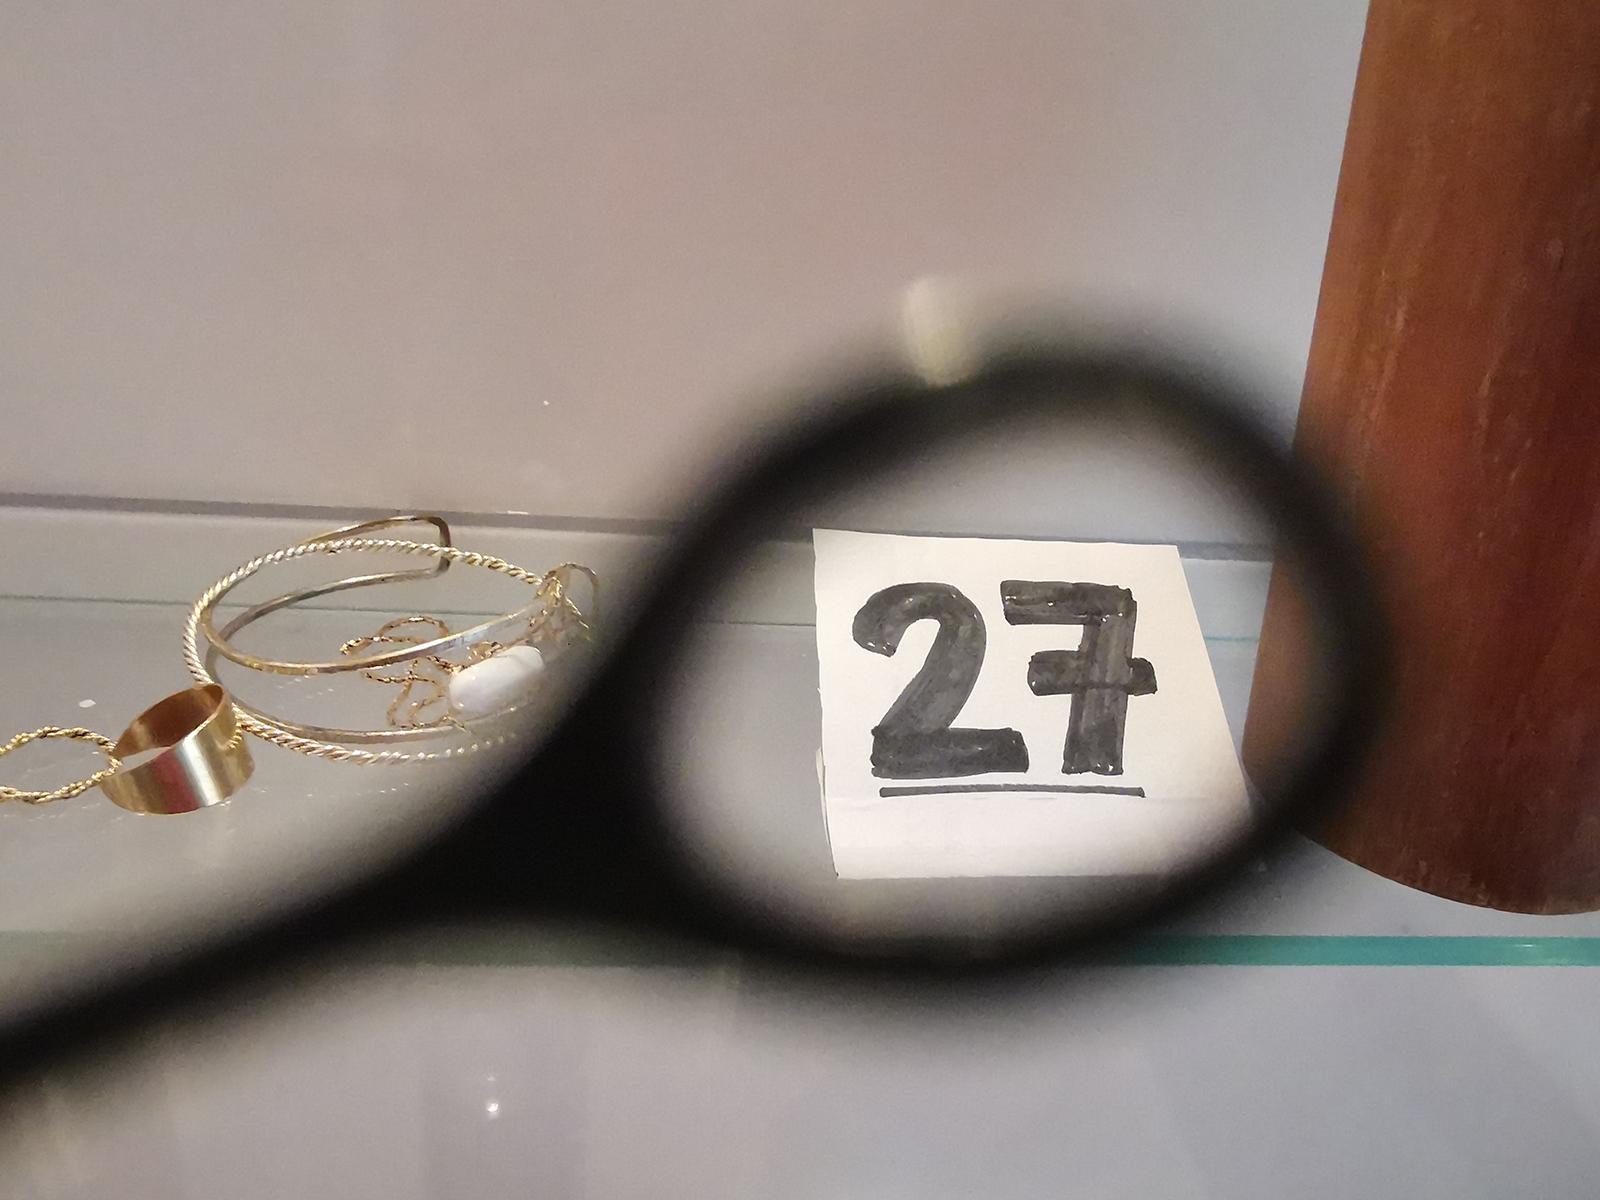 Tipp Nr. 27: Ohren auf zum Putzen!